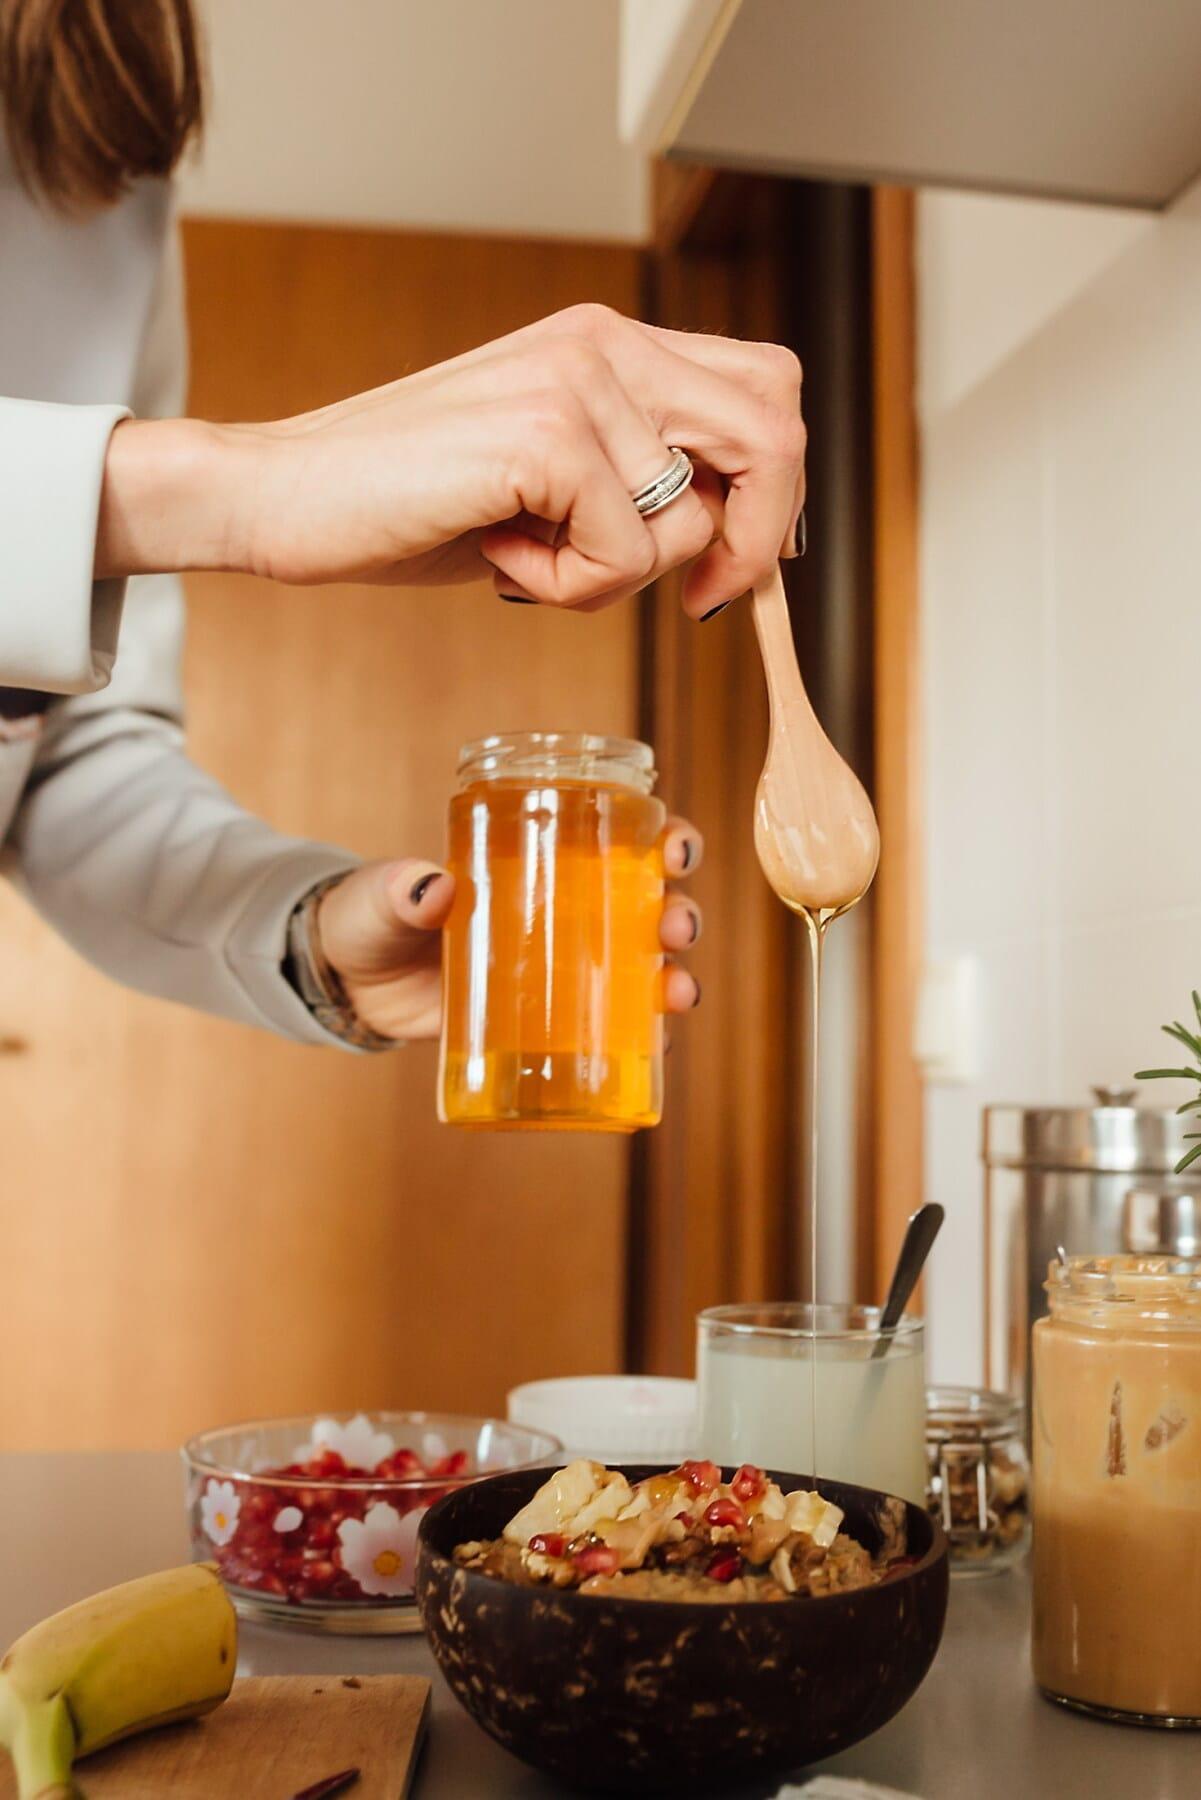 miel, pot, en bois, cuillère, cuisine, table de cuisine, à l'intérieur, le petit déjeuner, femme, maison